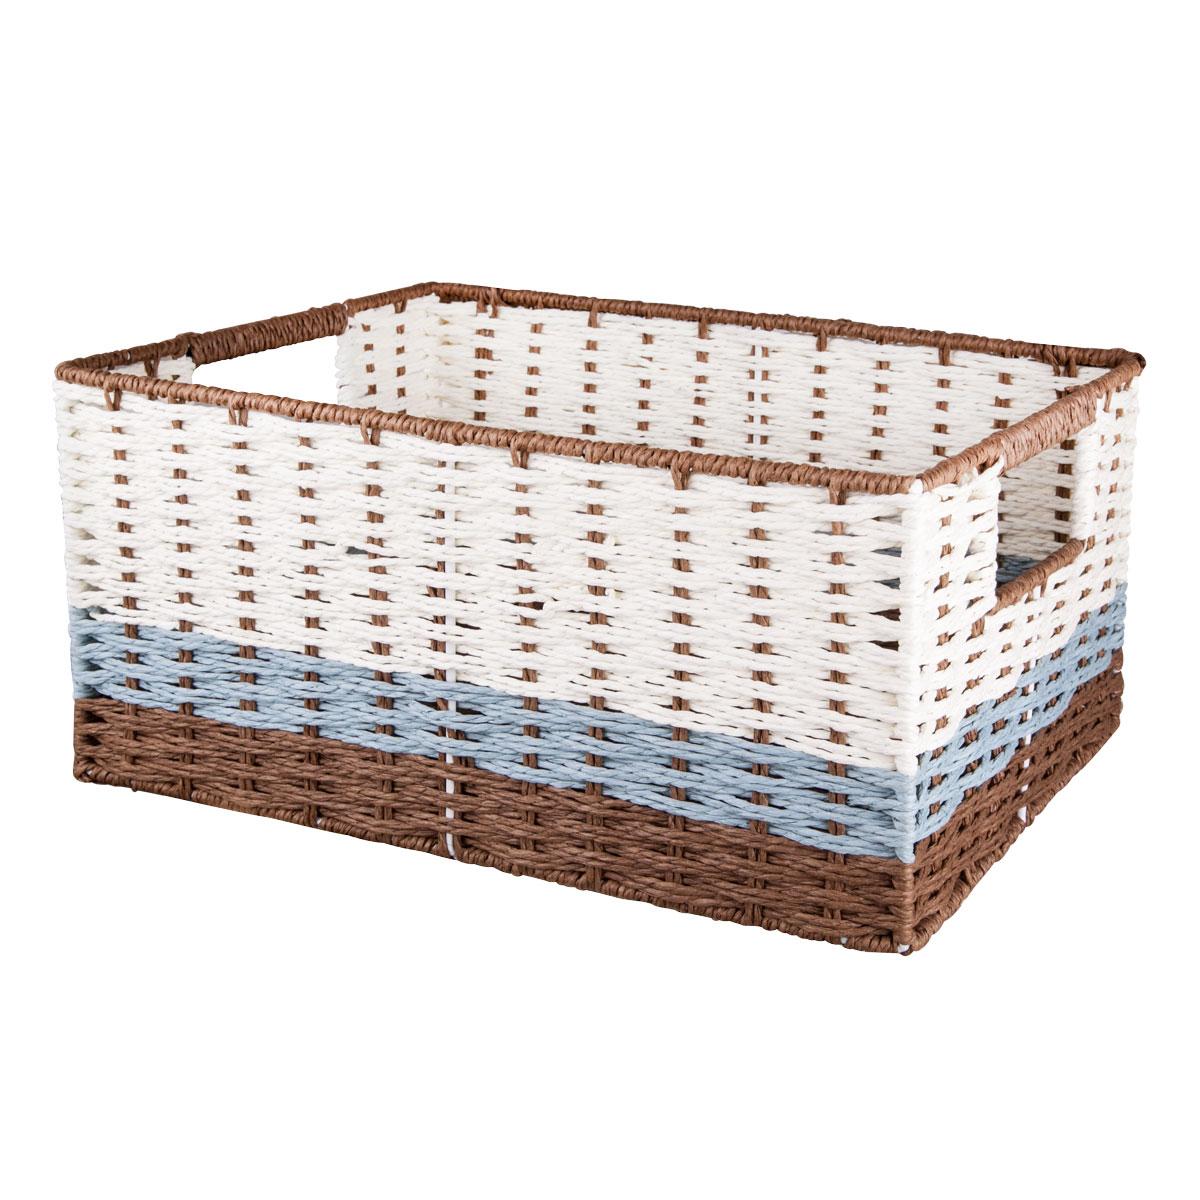 Корзина для хранения Miolla, с ручками, без крышки, 45 х 33 х 21 см. BSK6-L коробка для хранения miolla 40 х 30 х 20 см cfb 03